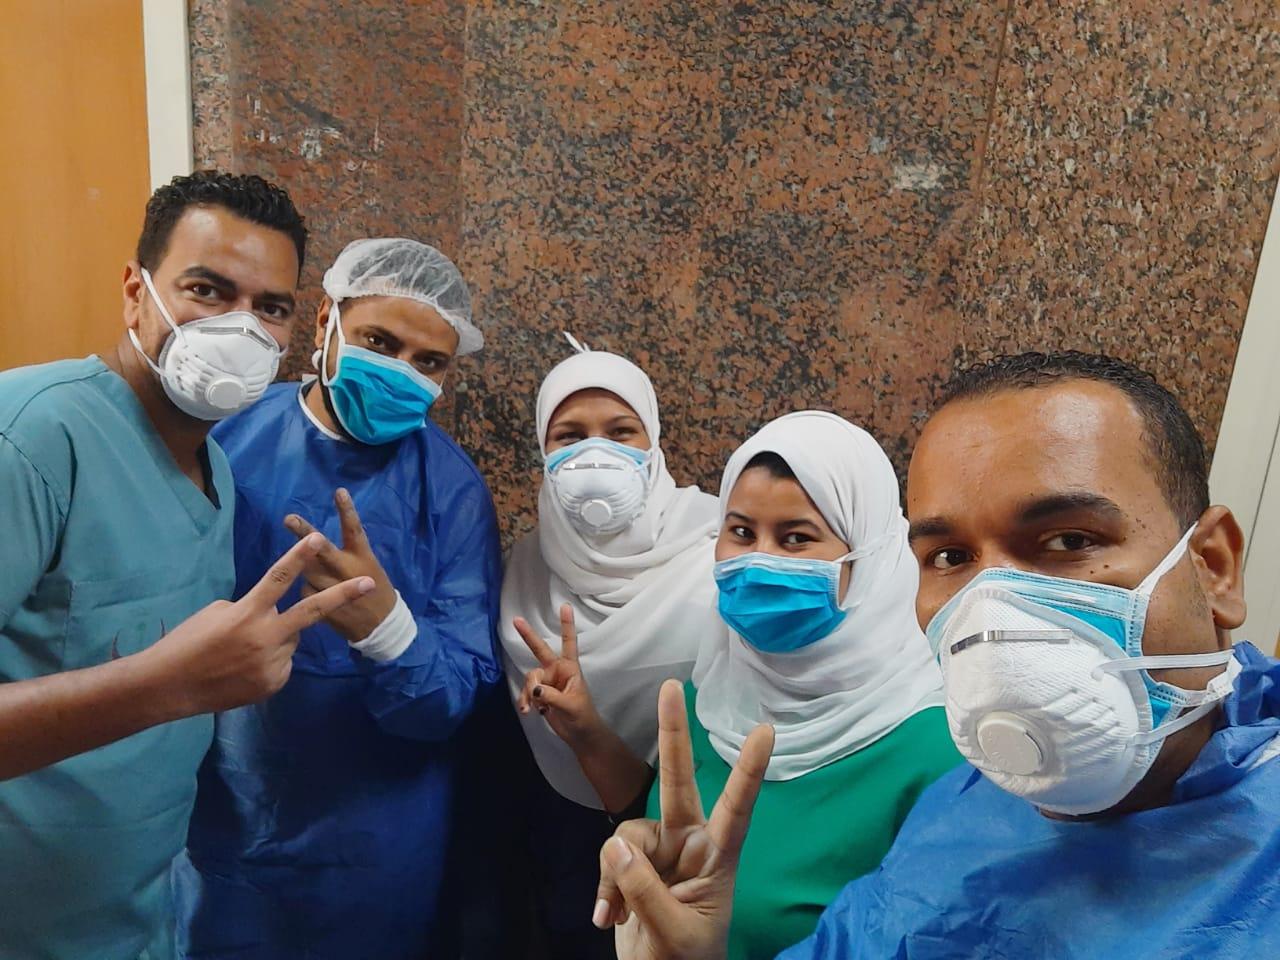 مستشفى الأقصر العام للعزل الصحى (14)